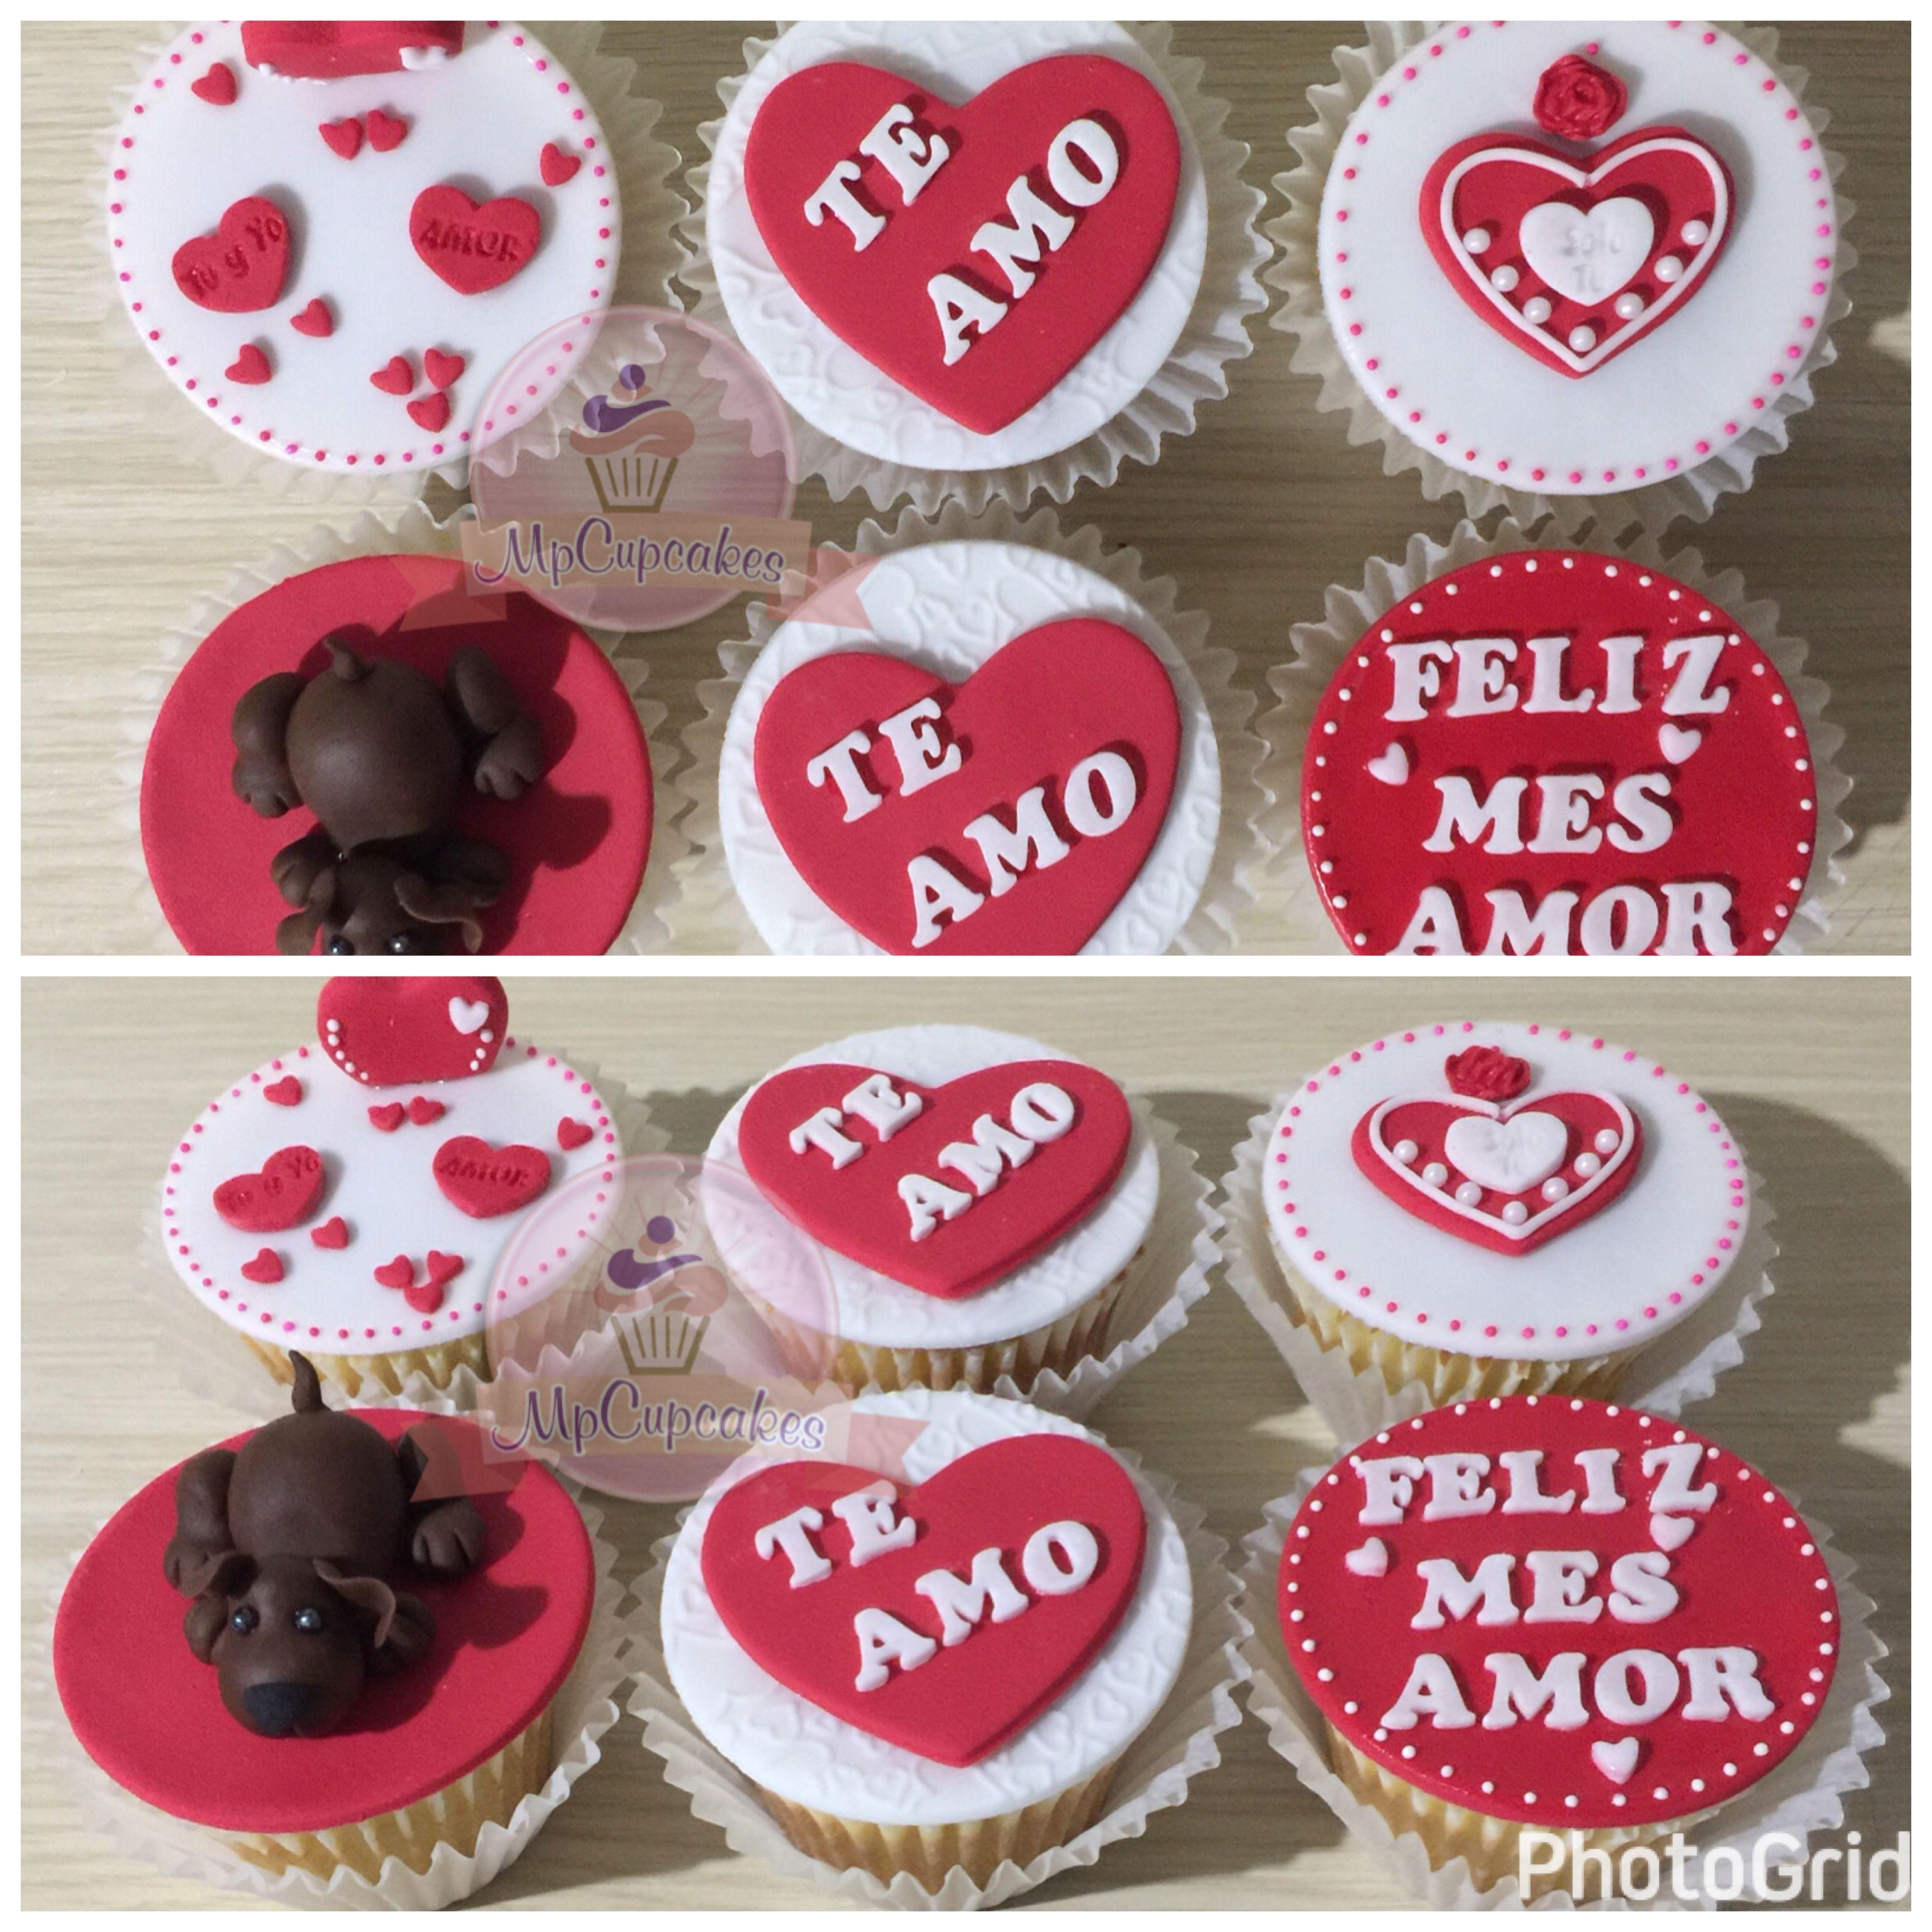 Cupcakes Amor Cupcakes Aniversario Cupcakes Y Tortas Mensajes Y